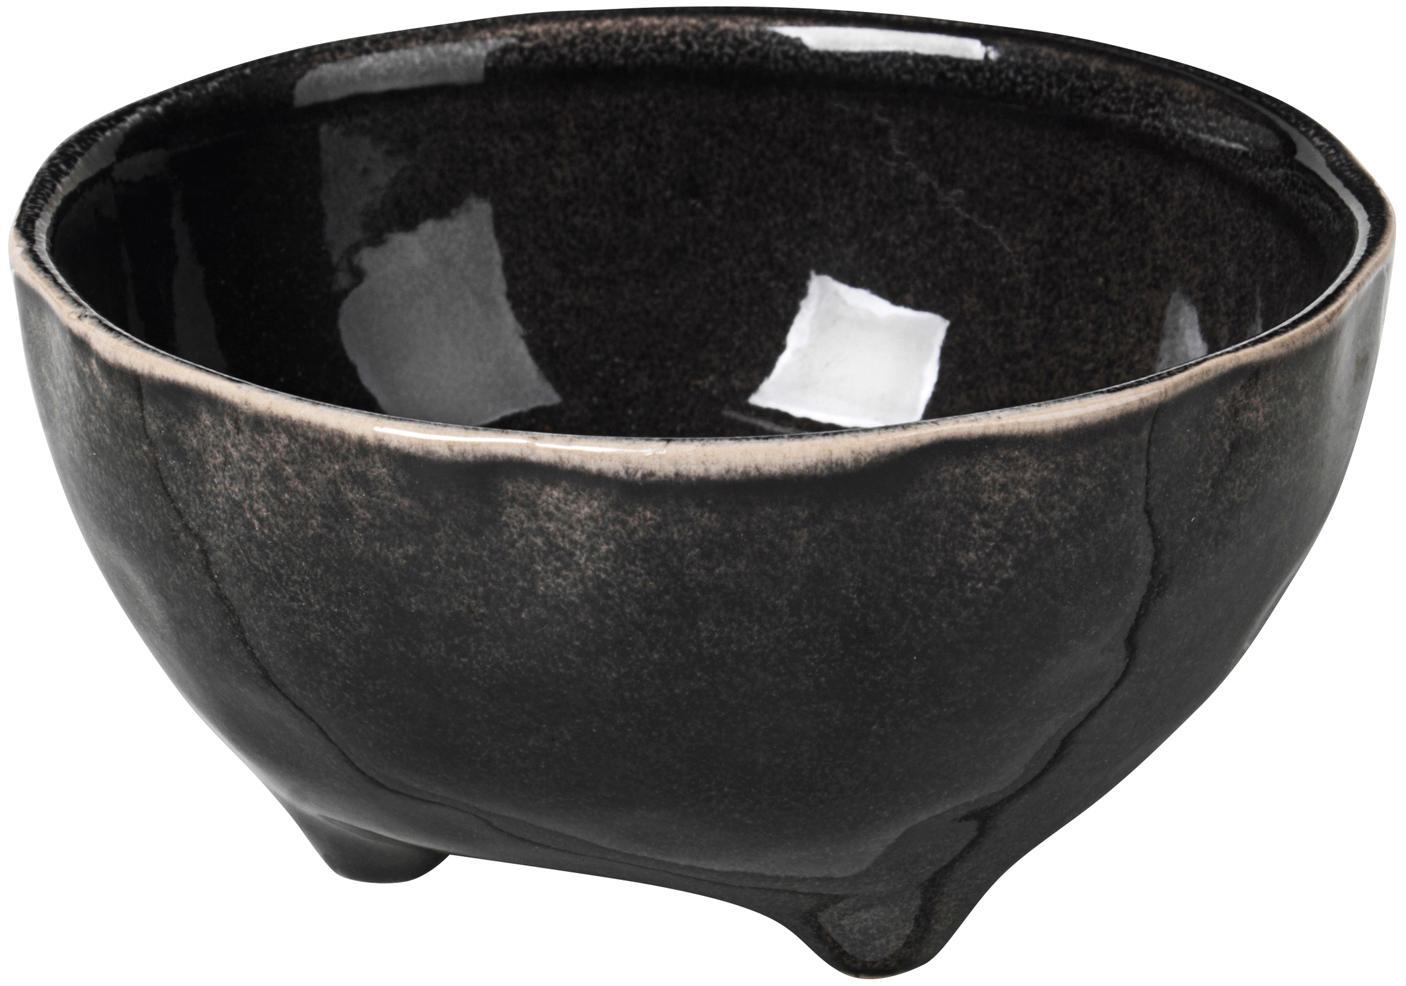 Handgemachte Schälchen Nordic Coal Ø 11 aus Steingut, 4 Stück, Steingut, Bräunlich, Ø 11 x H 6 cm